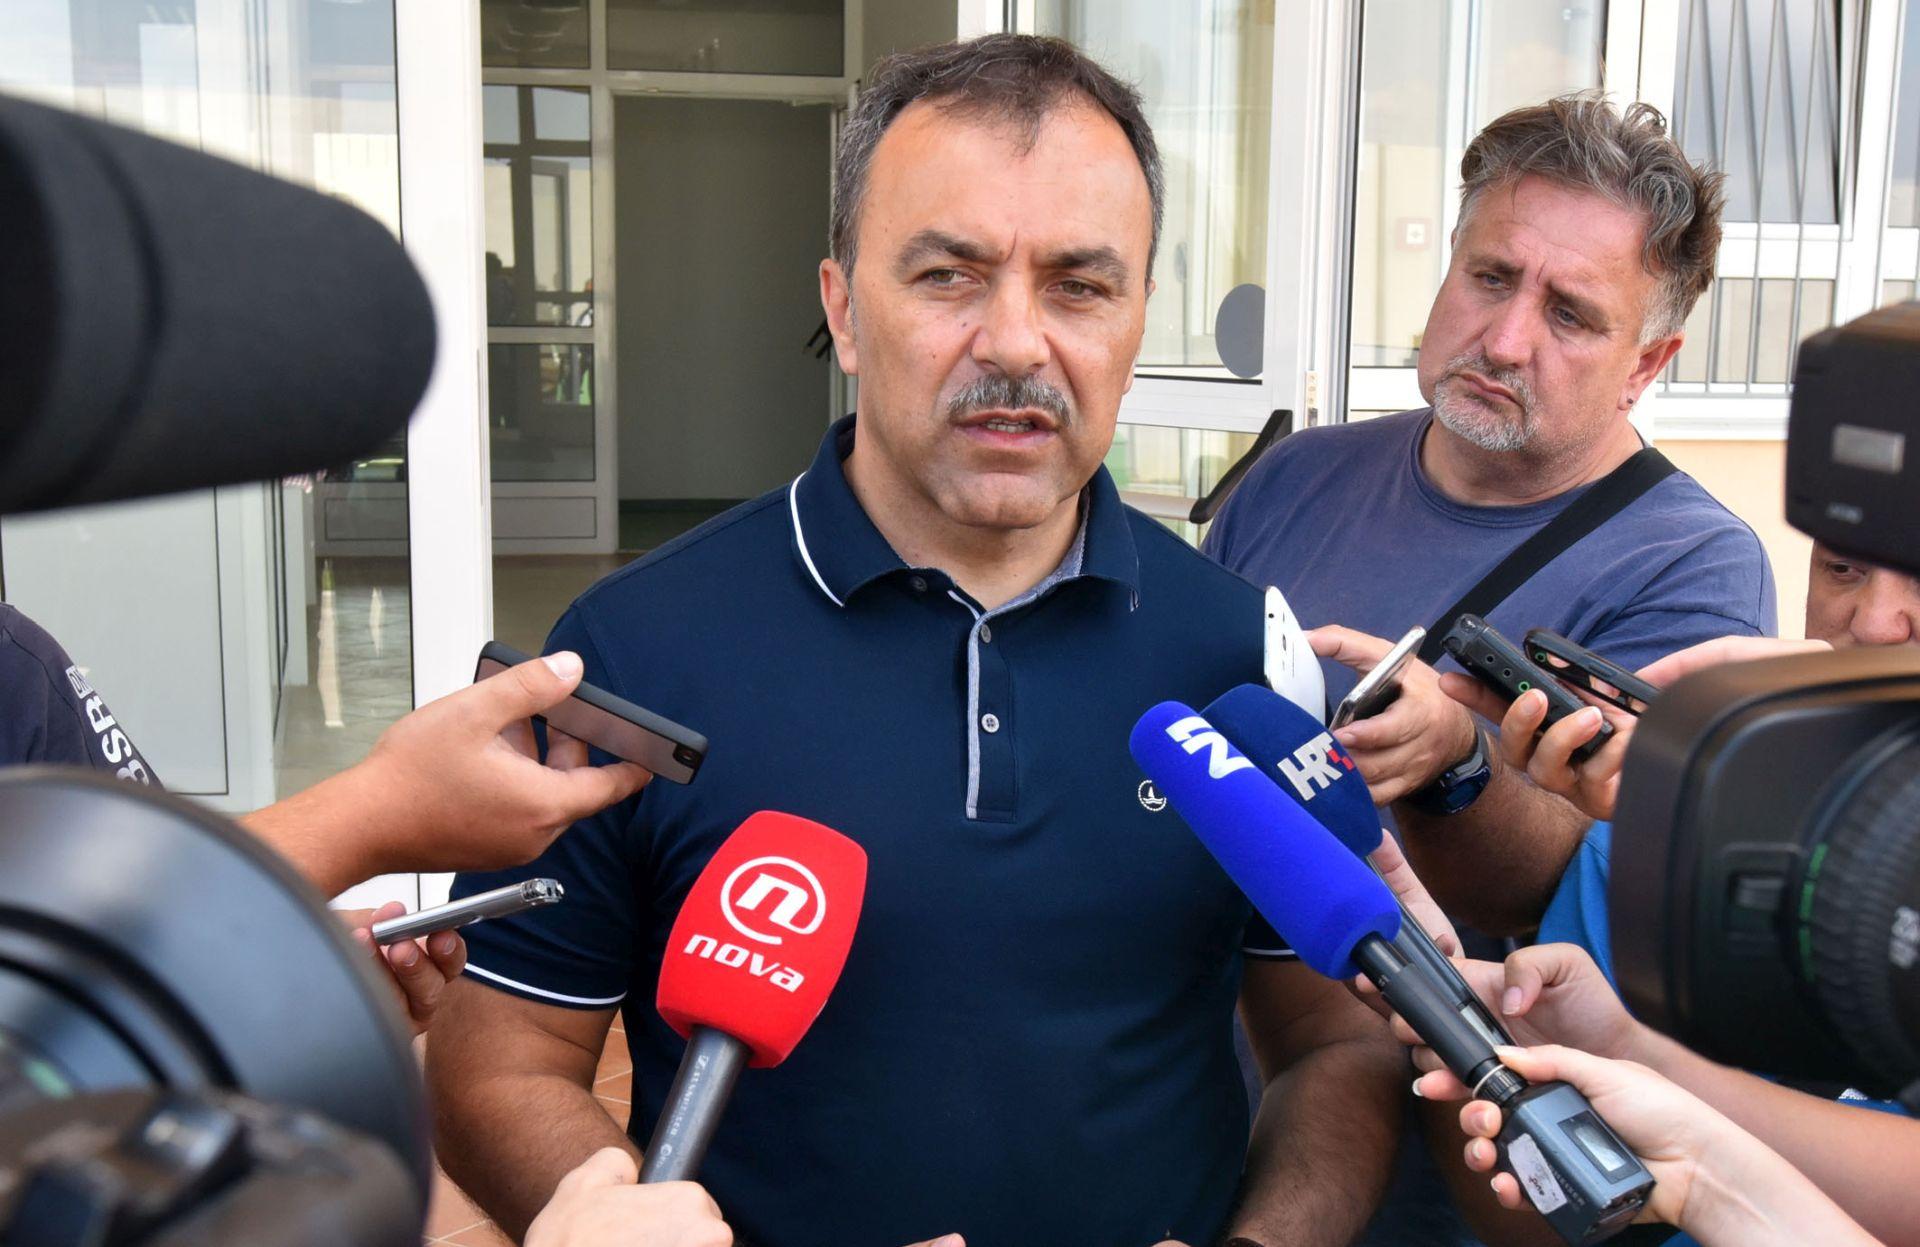 OREPIĆ U TOVARNIKU: Hrvatska je dio humanog rješenja migrantske krize